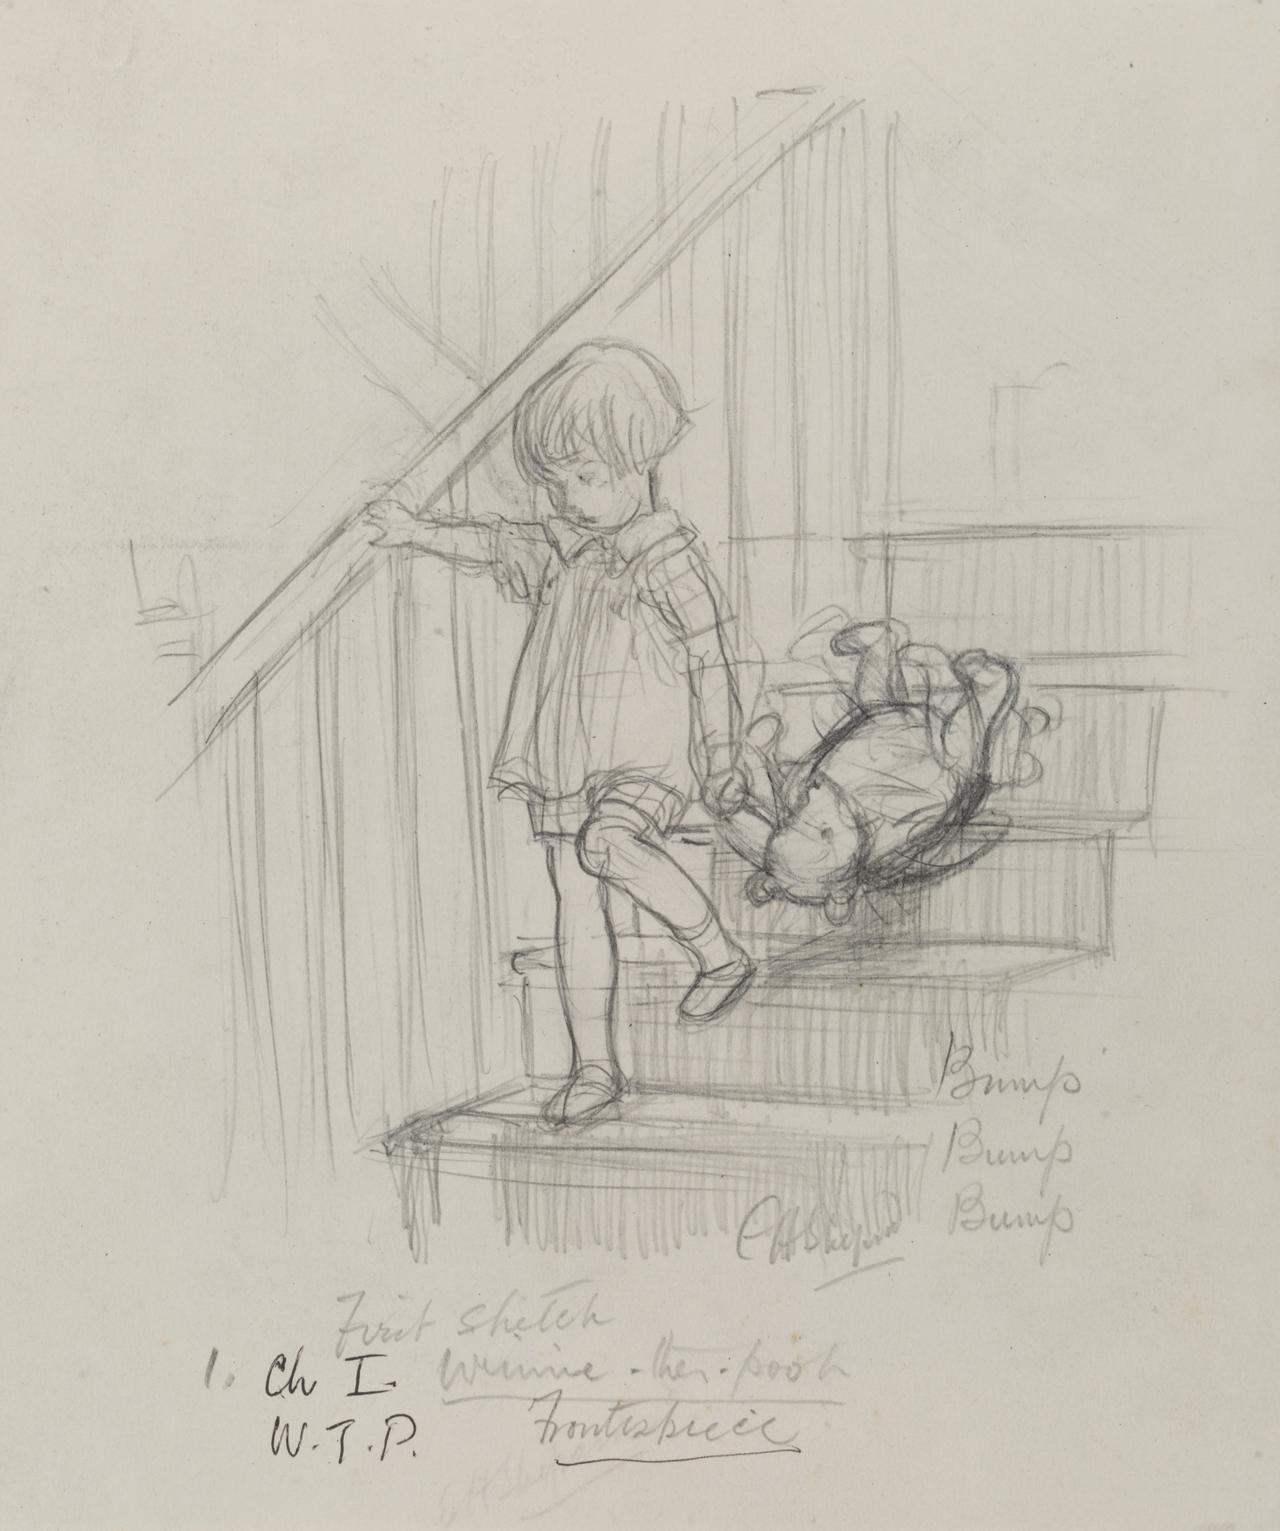 画像: 「バタン・バタン、バタン・バタン、頭を階段にぶつけながら、クマくんが二階からおりてきます」、 『クマのプーさん』第1章、E.H.シェパード、鉛筆画、1926年、V&A所蔵 © The Shepard Trust